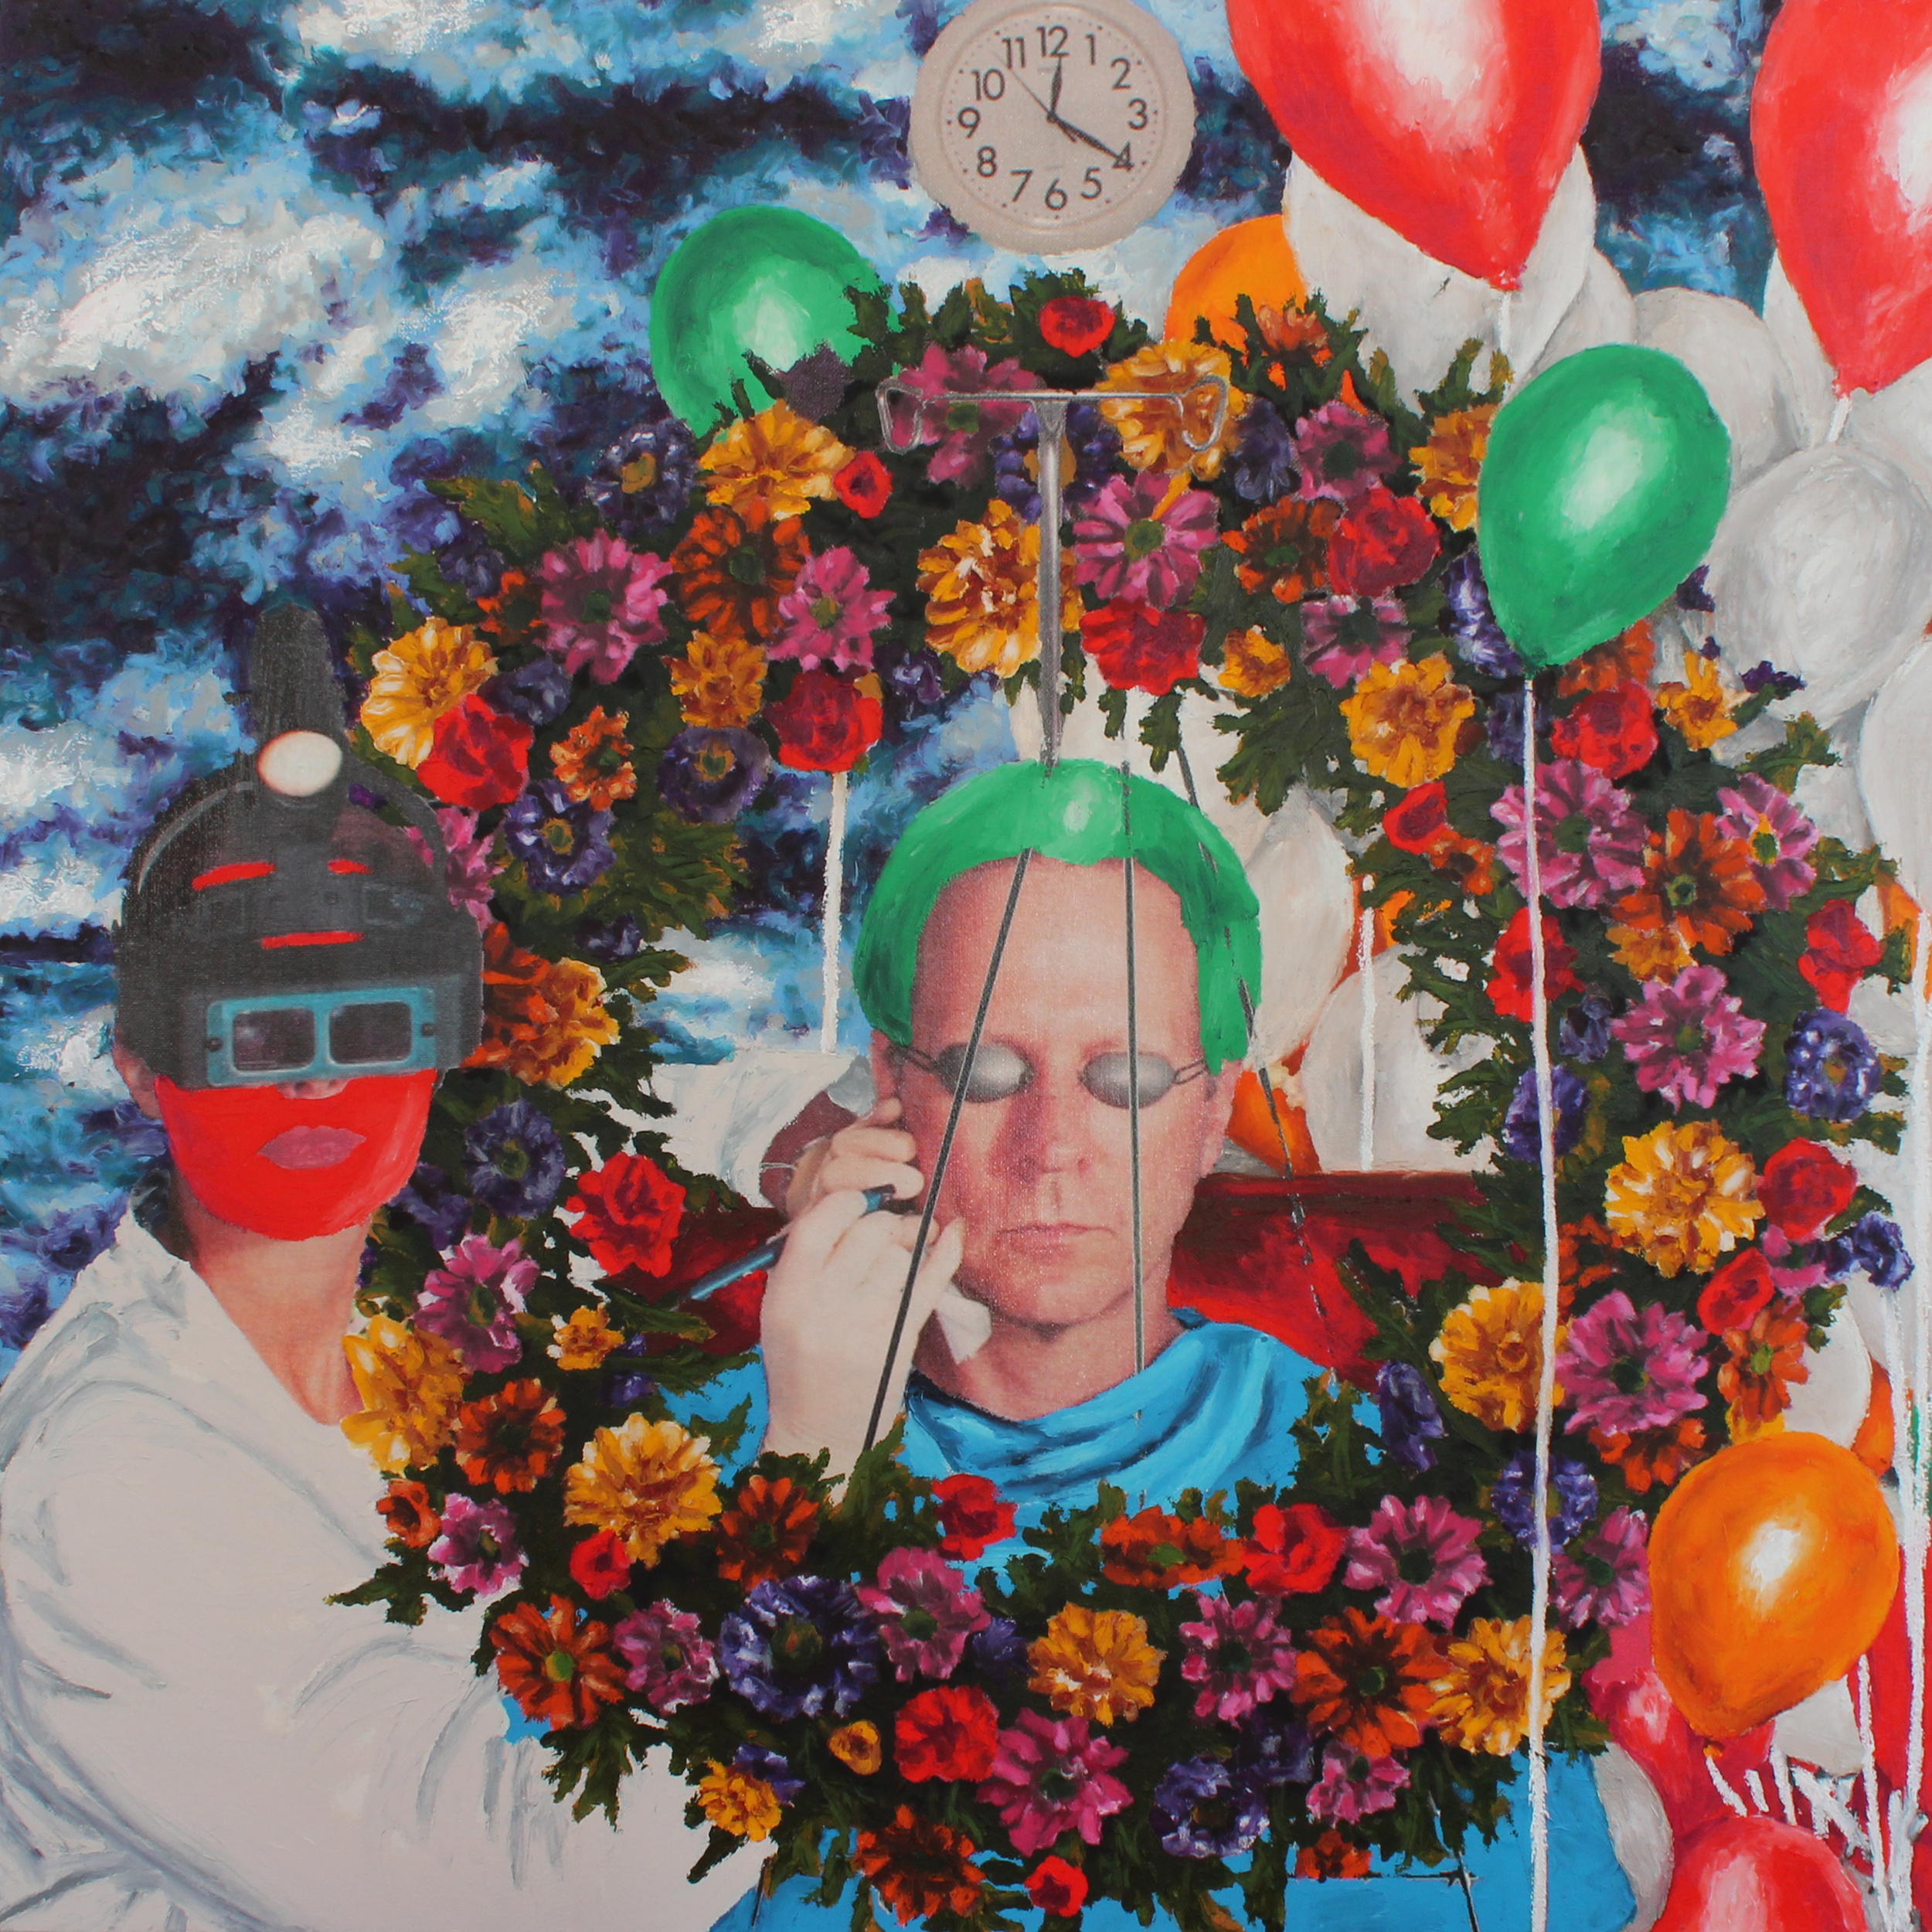 Michael-Hermann-FlowersForLewis.jpg